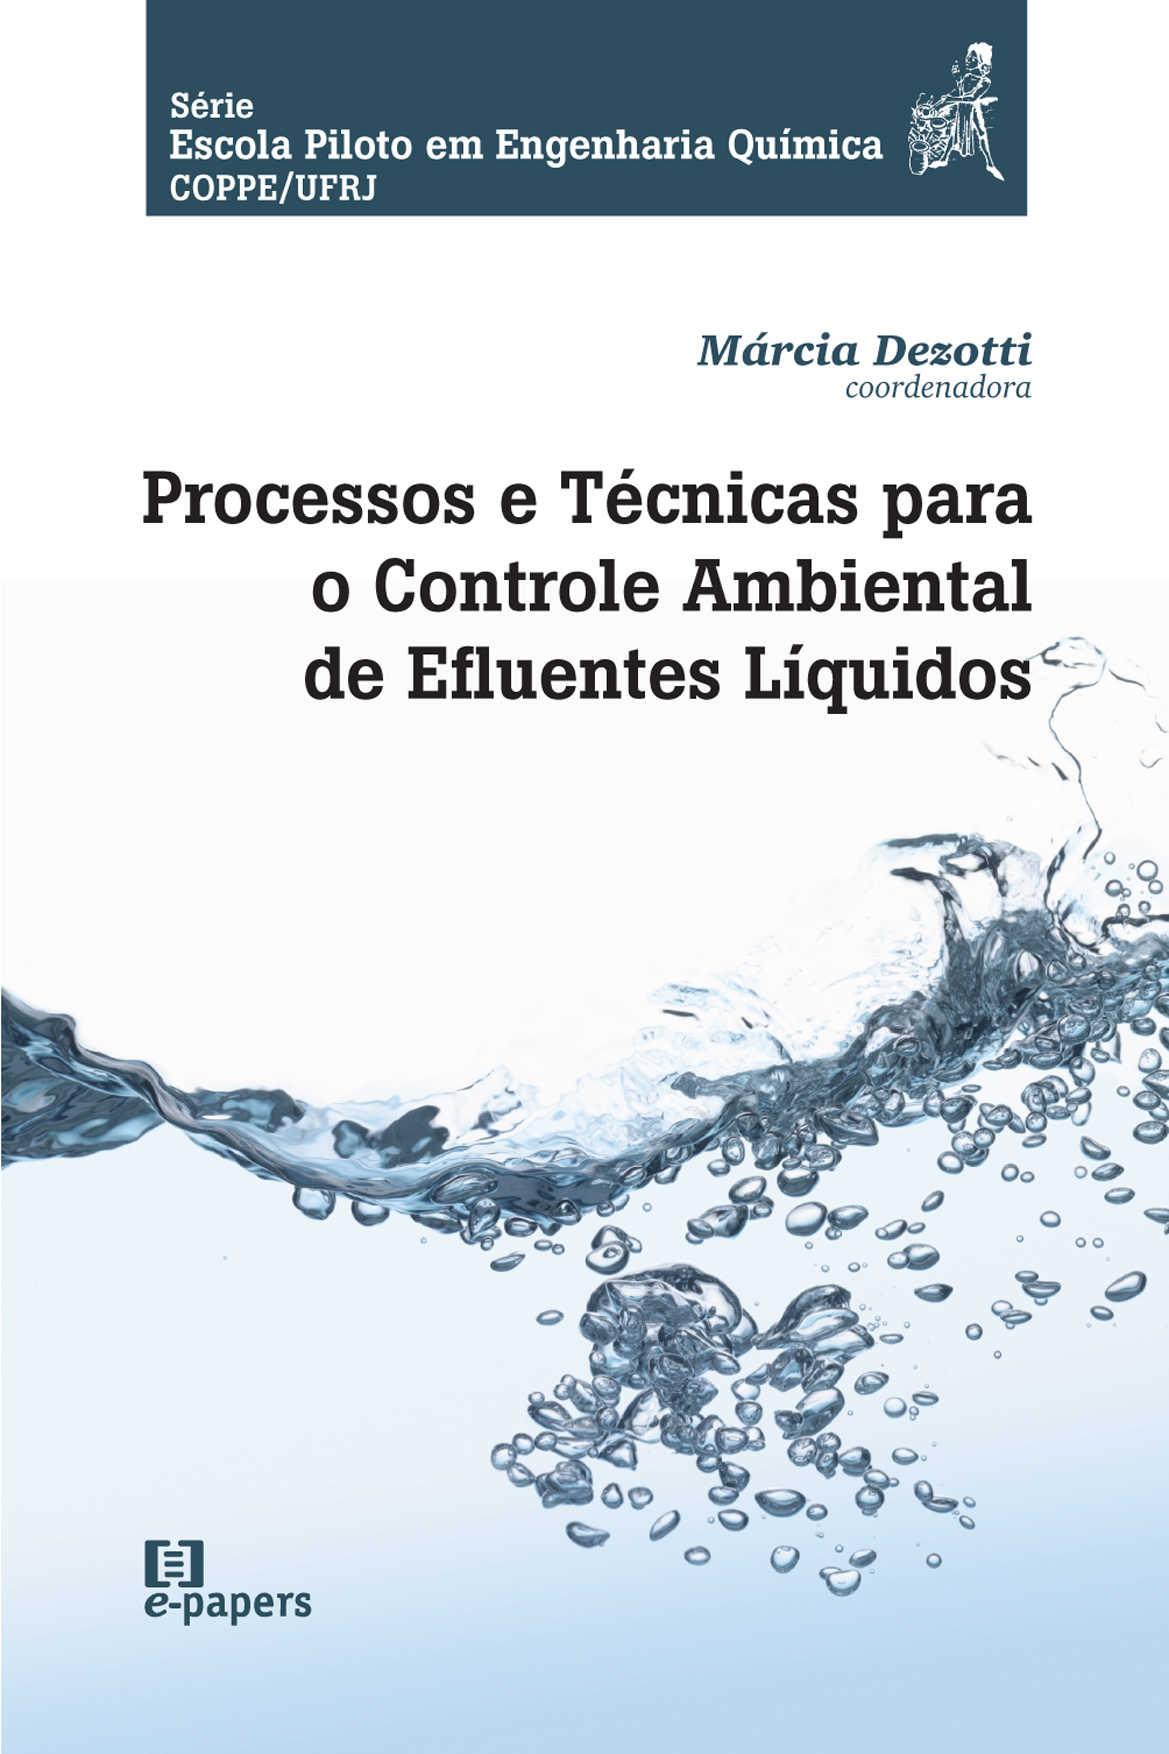 Processos e técnicas para o controle ambiental de efluentes líquidos: Volume 5 da Série Escola Piloto de Engenharia Química